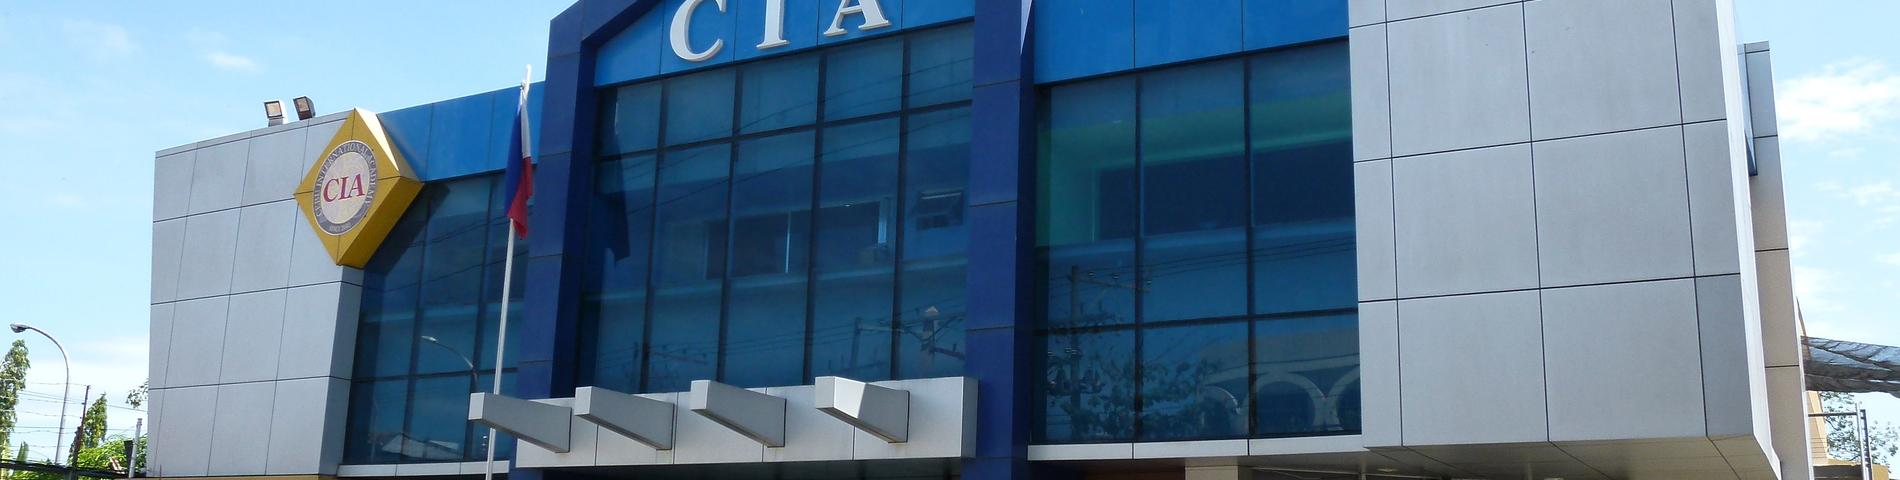 CIA - Cebu International Academy photo 1